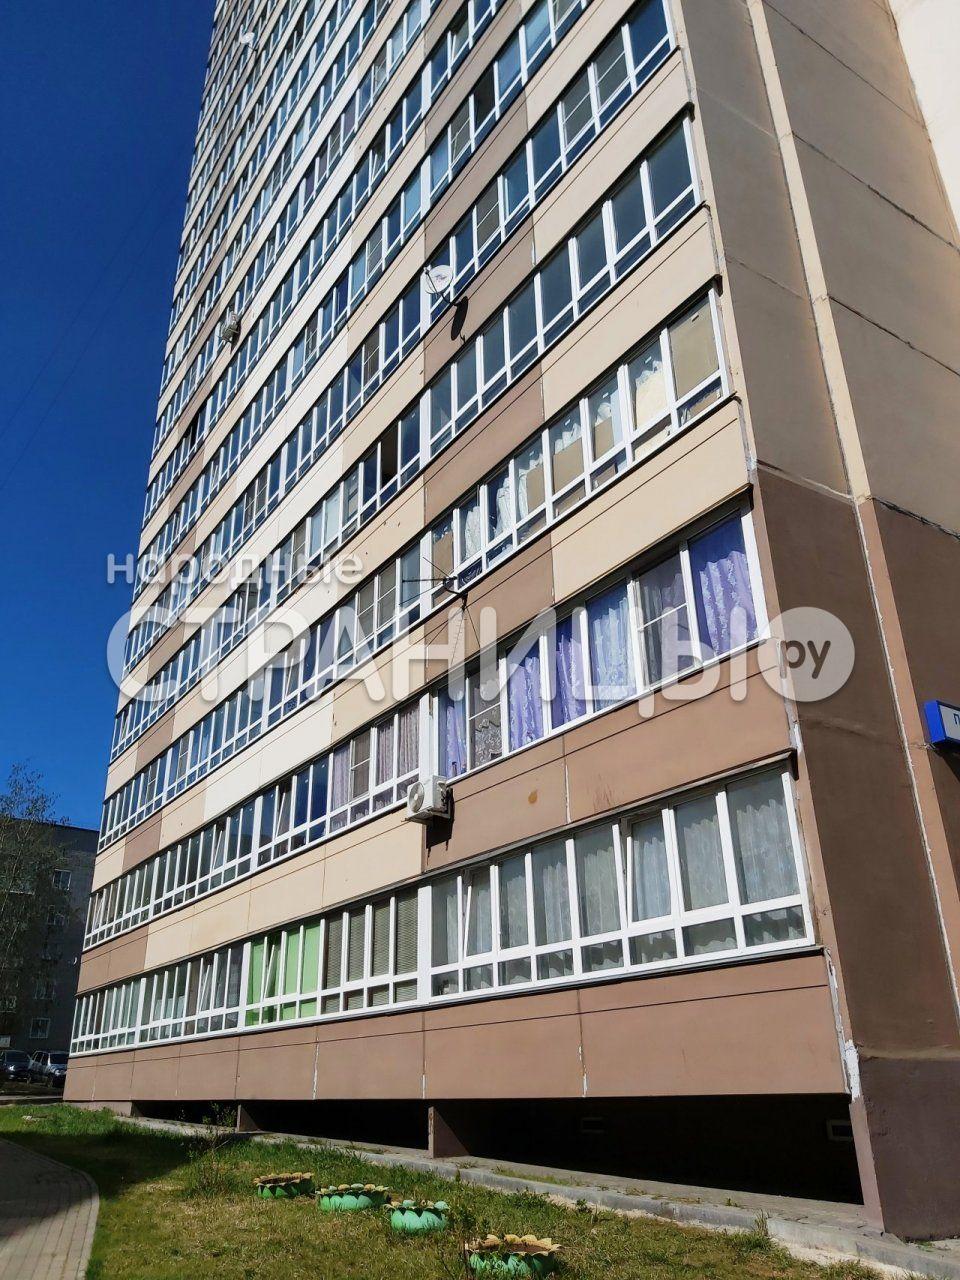 1-комнатная квартира, 25.0 м²,  13/17 эт. Панельный дом, Вторичное жилье